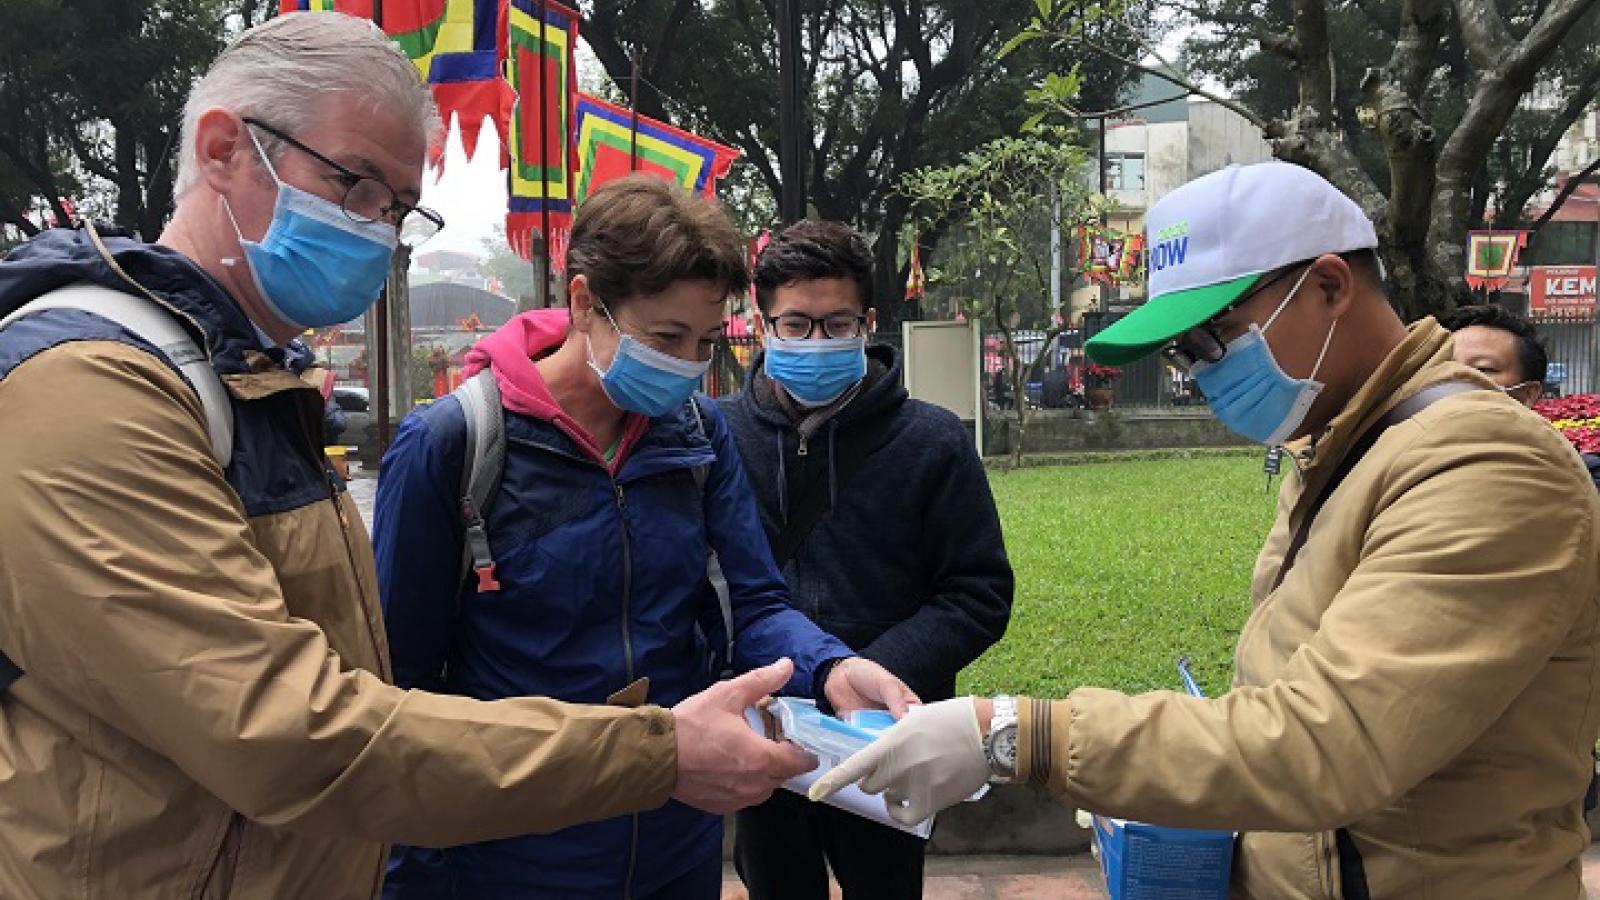 Vietnam considers using COVID vaccine passport: PM says